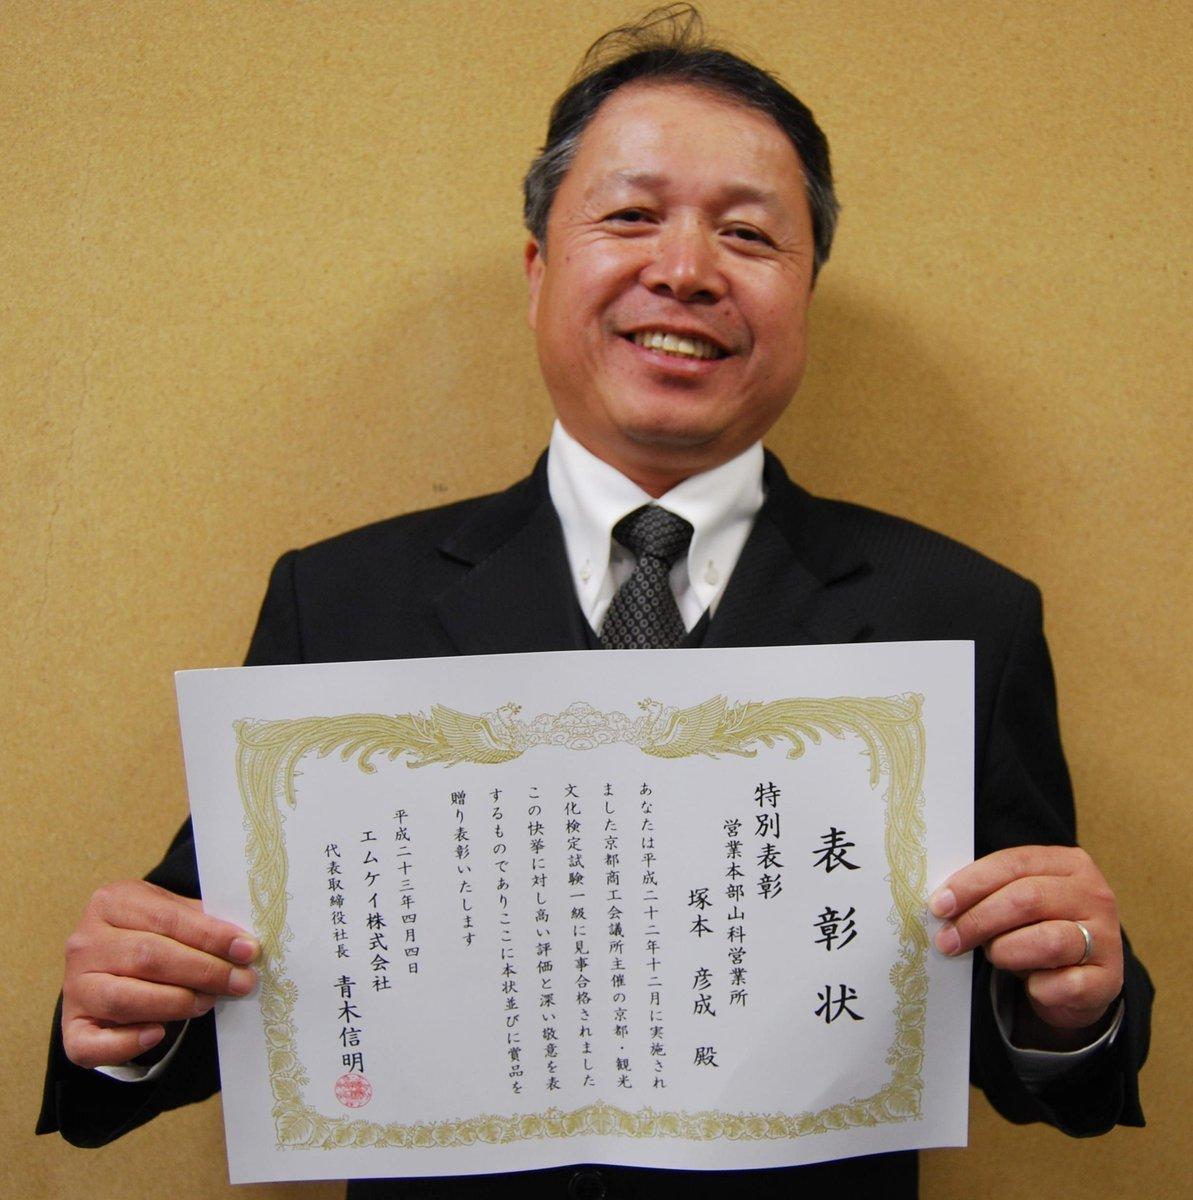 京都検定1級合格で特別表彰を受ける MK新聞2017年2月1日号より